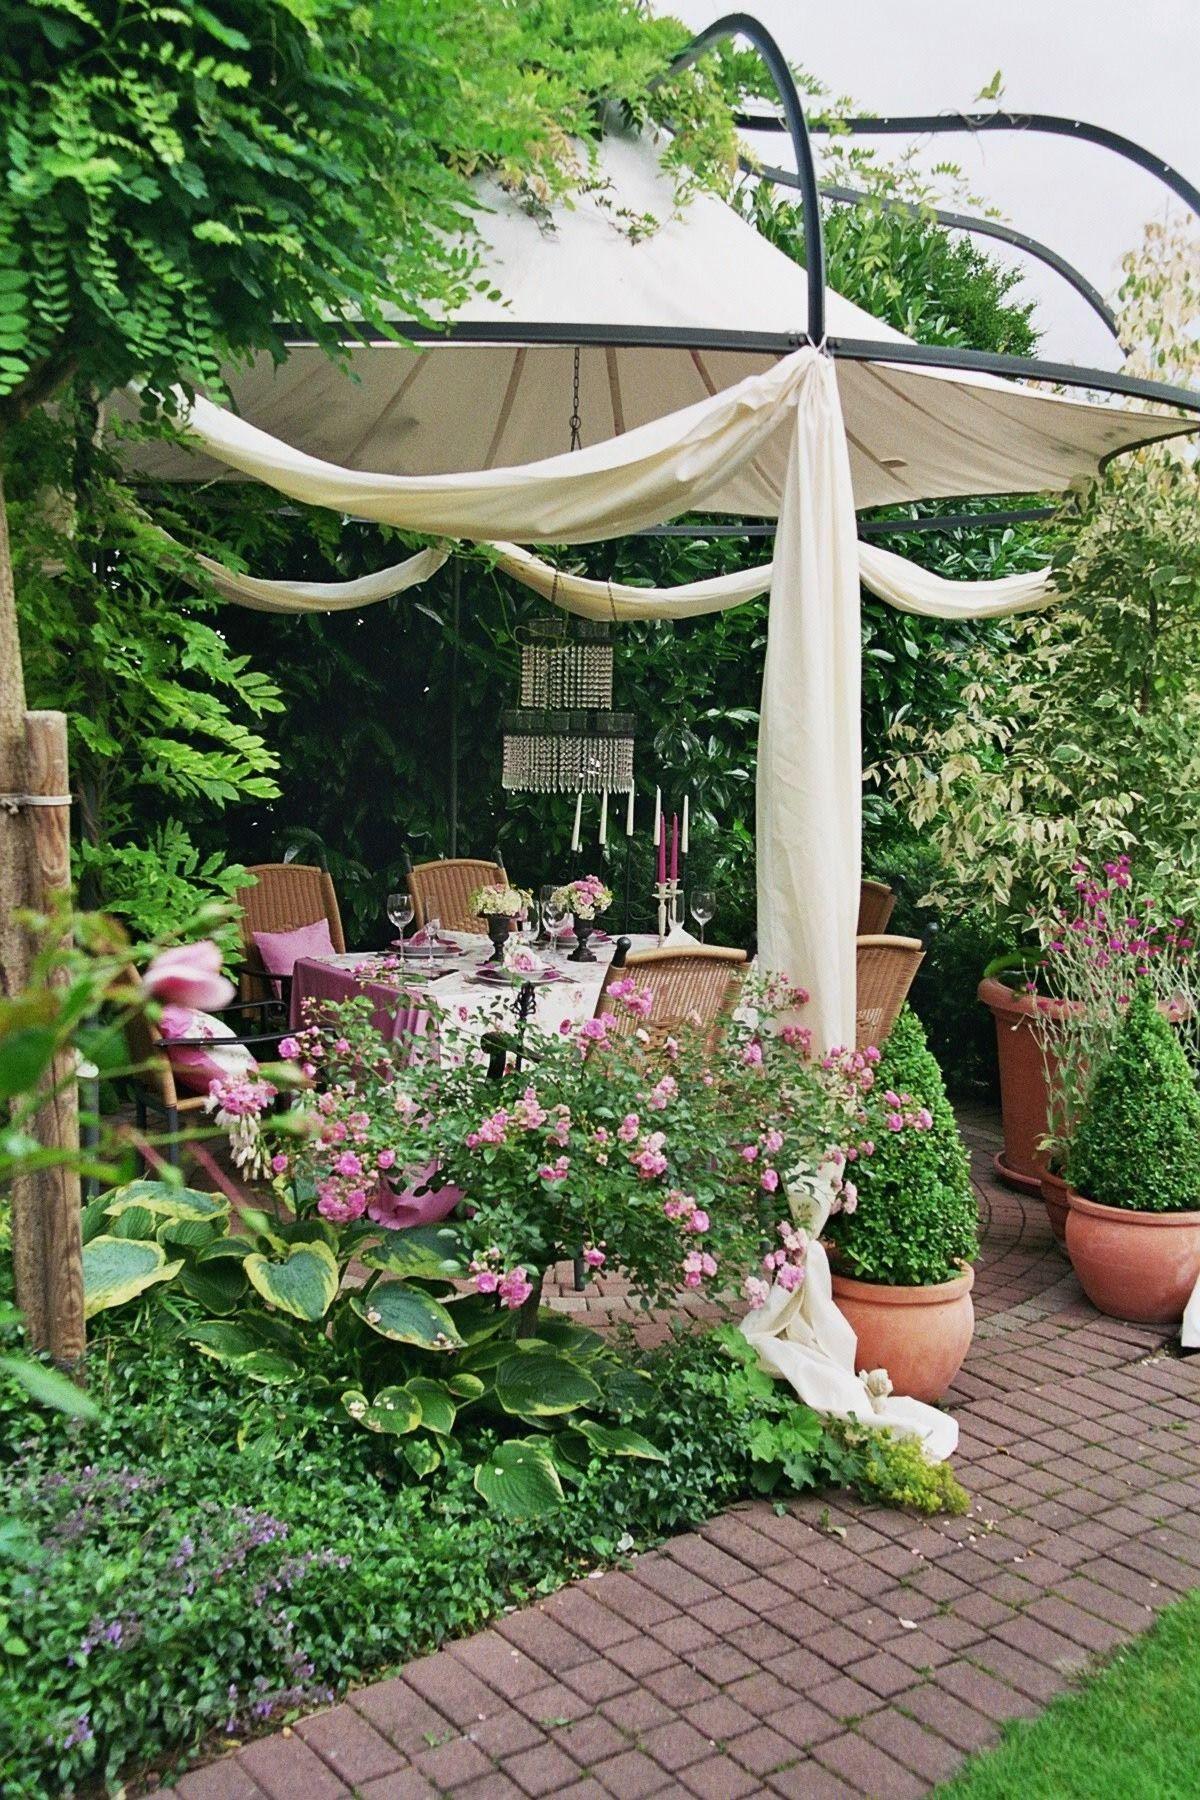 pavillon im feng-shui-garten - wohnen und garten foto | garten, Garten ideen